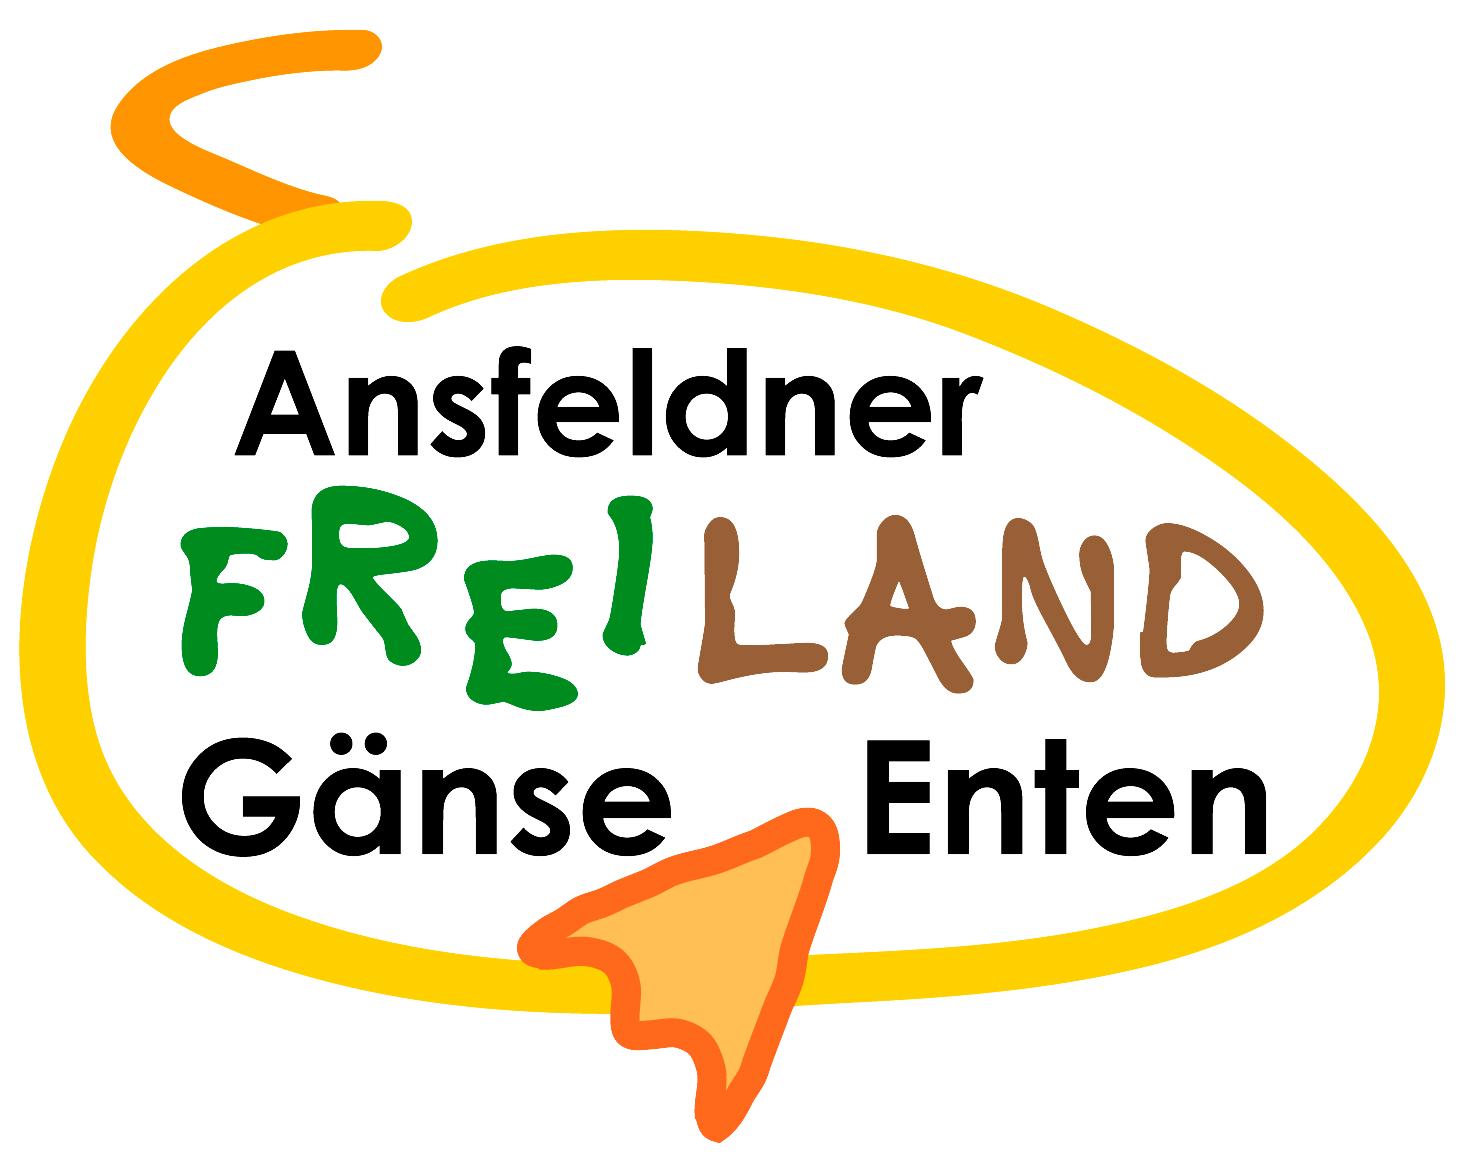 Logo - Ansfeldner Freilandgänse- und Enten